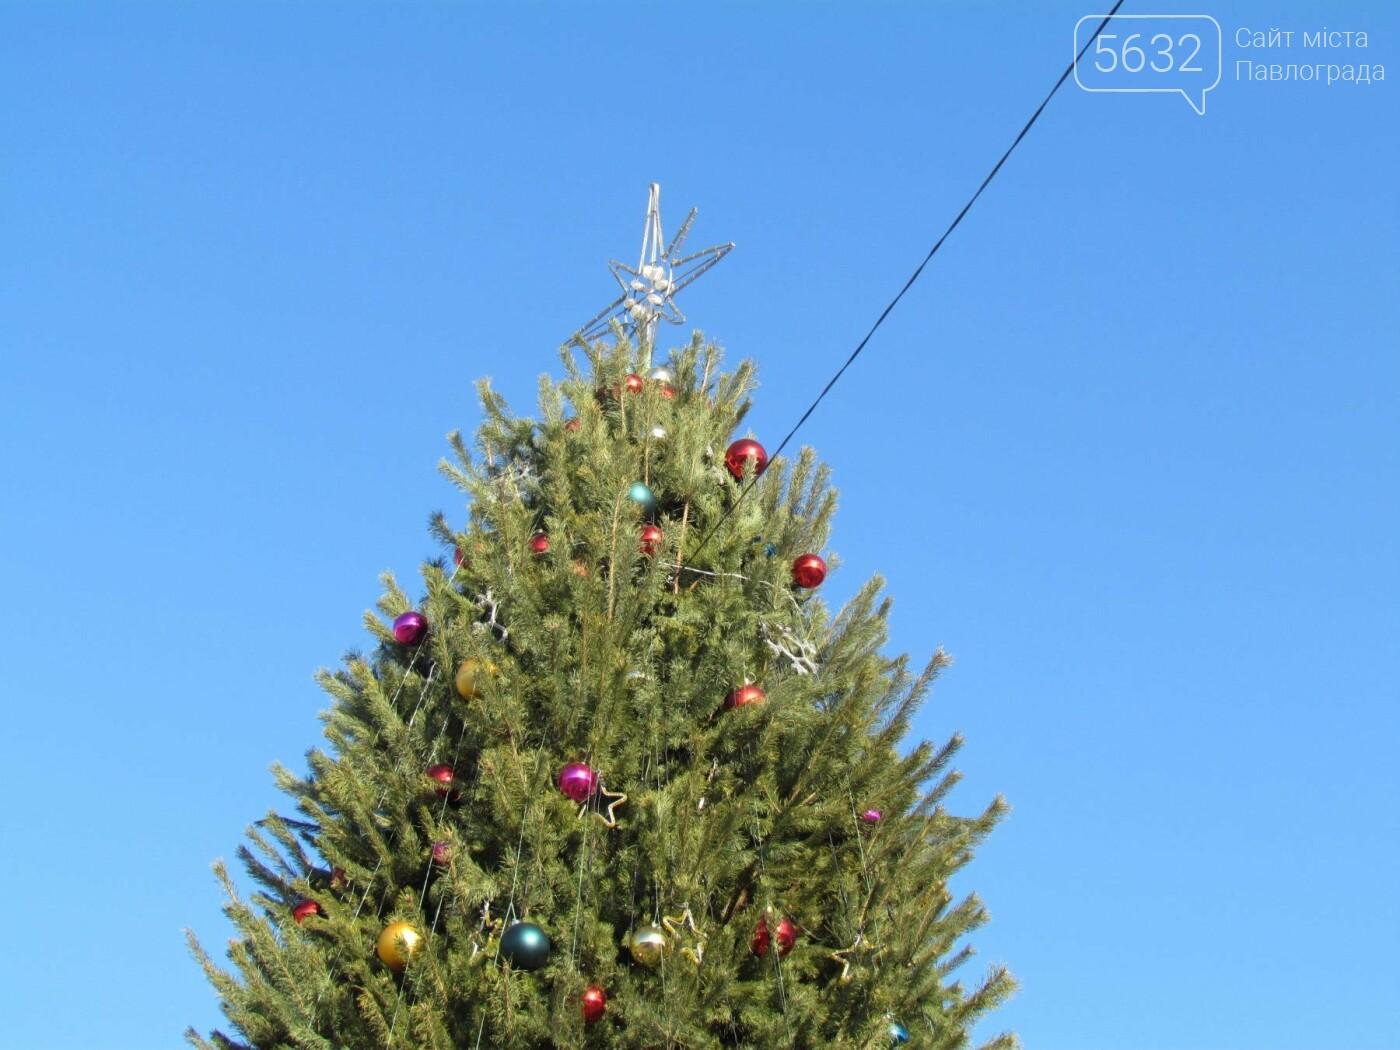 Павлоградцы попрощались с новогодней елкой, фото-8